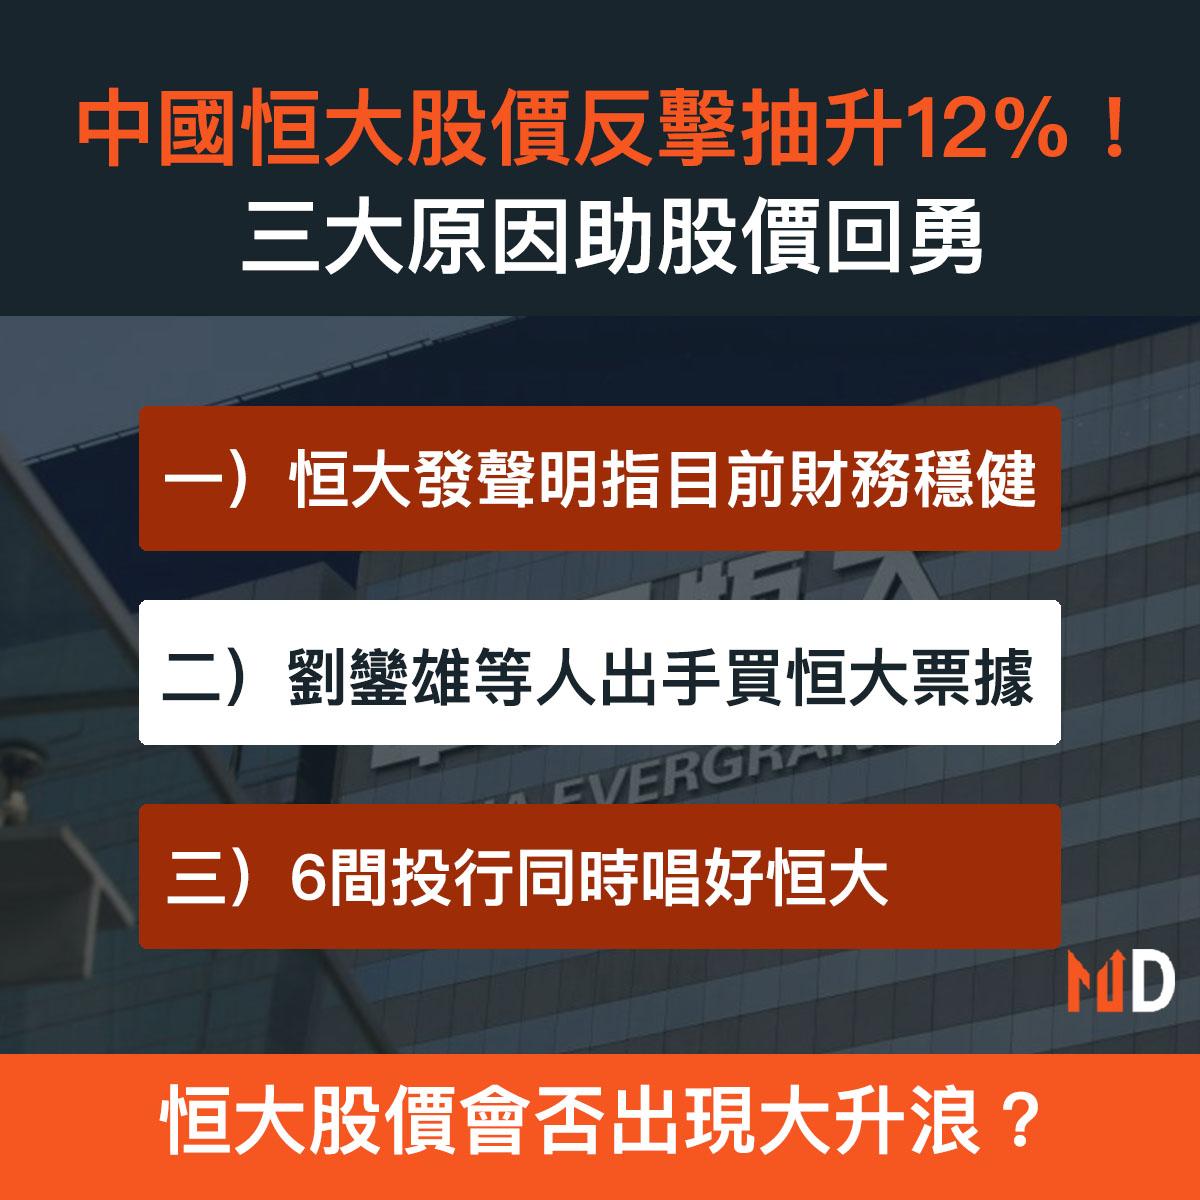 【恒大反彈】中國恒大股價反擊抽升12%!三大原因助股價回勇